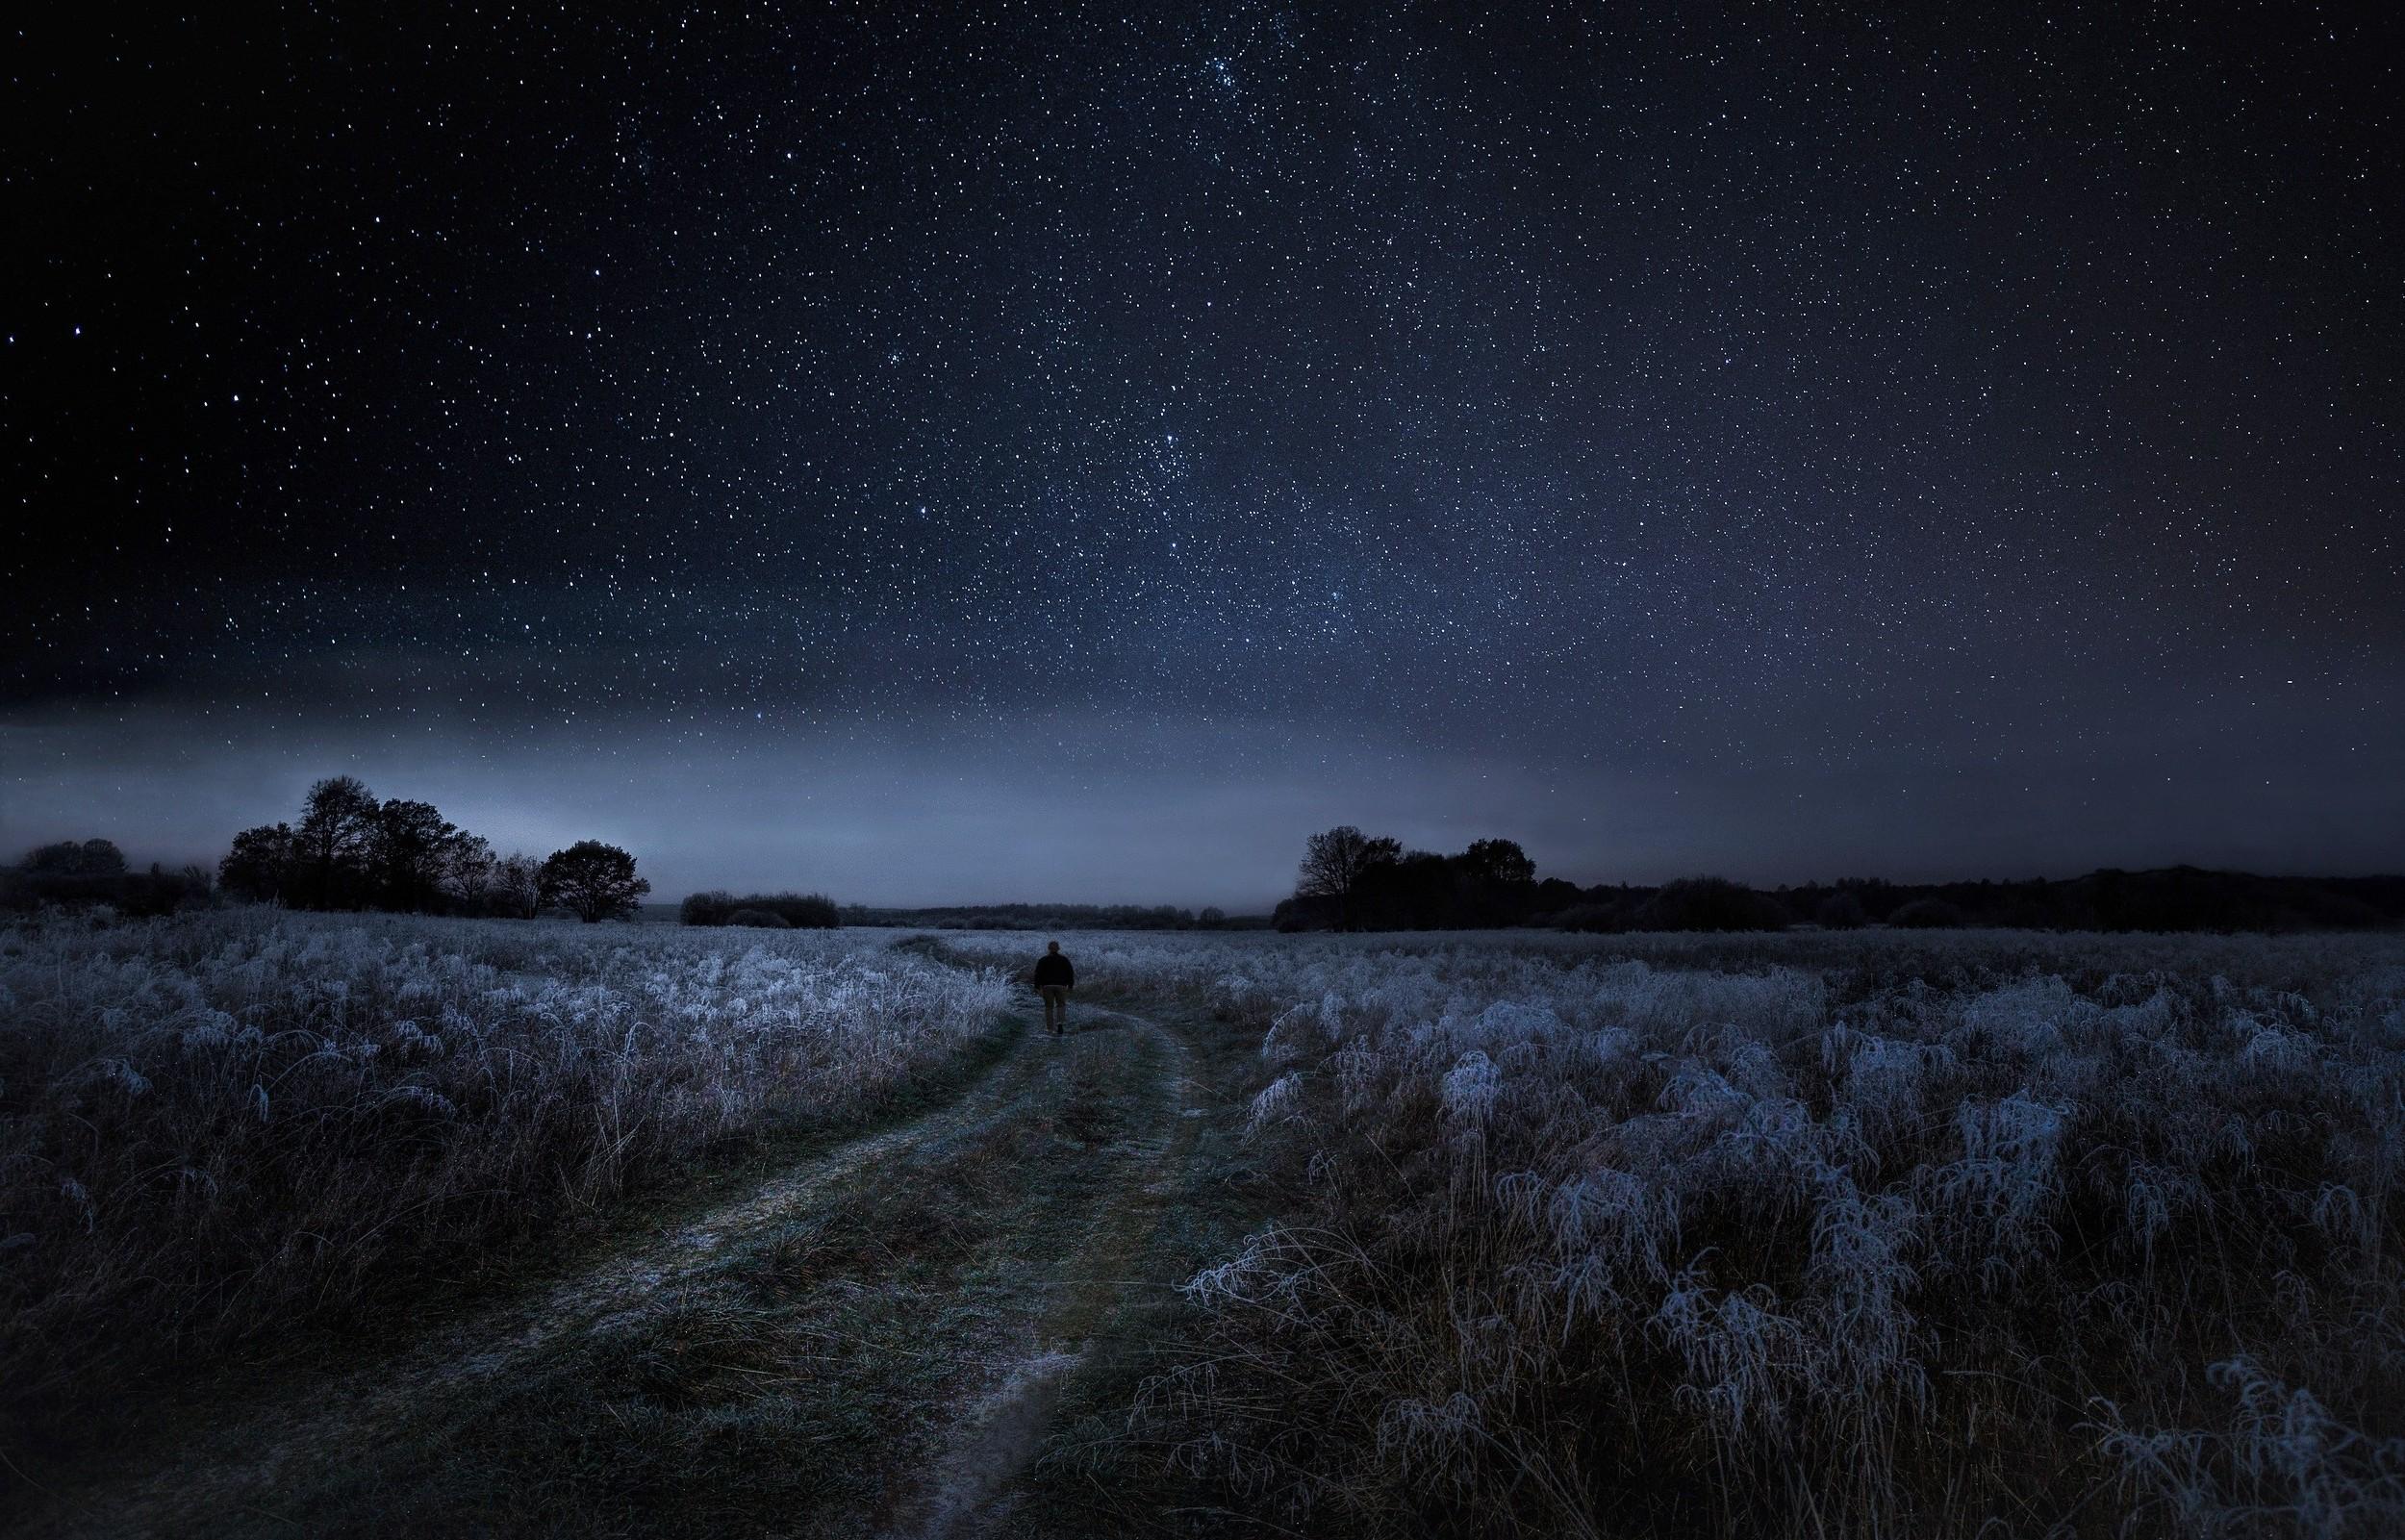 картинки в поле ночью среду госкомиссия